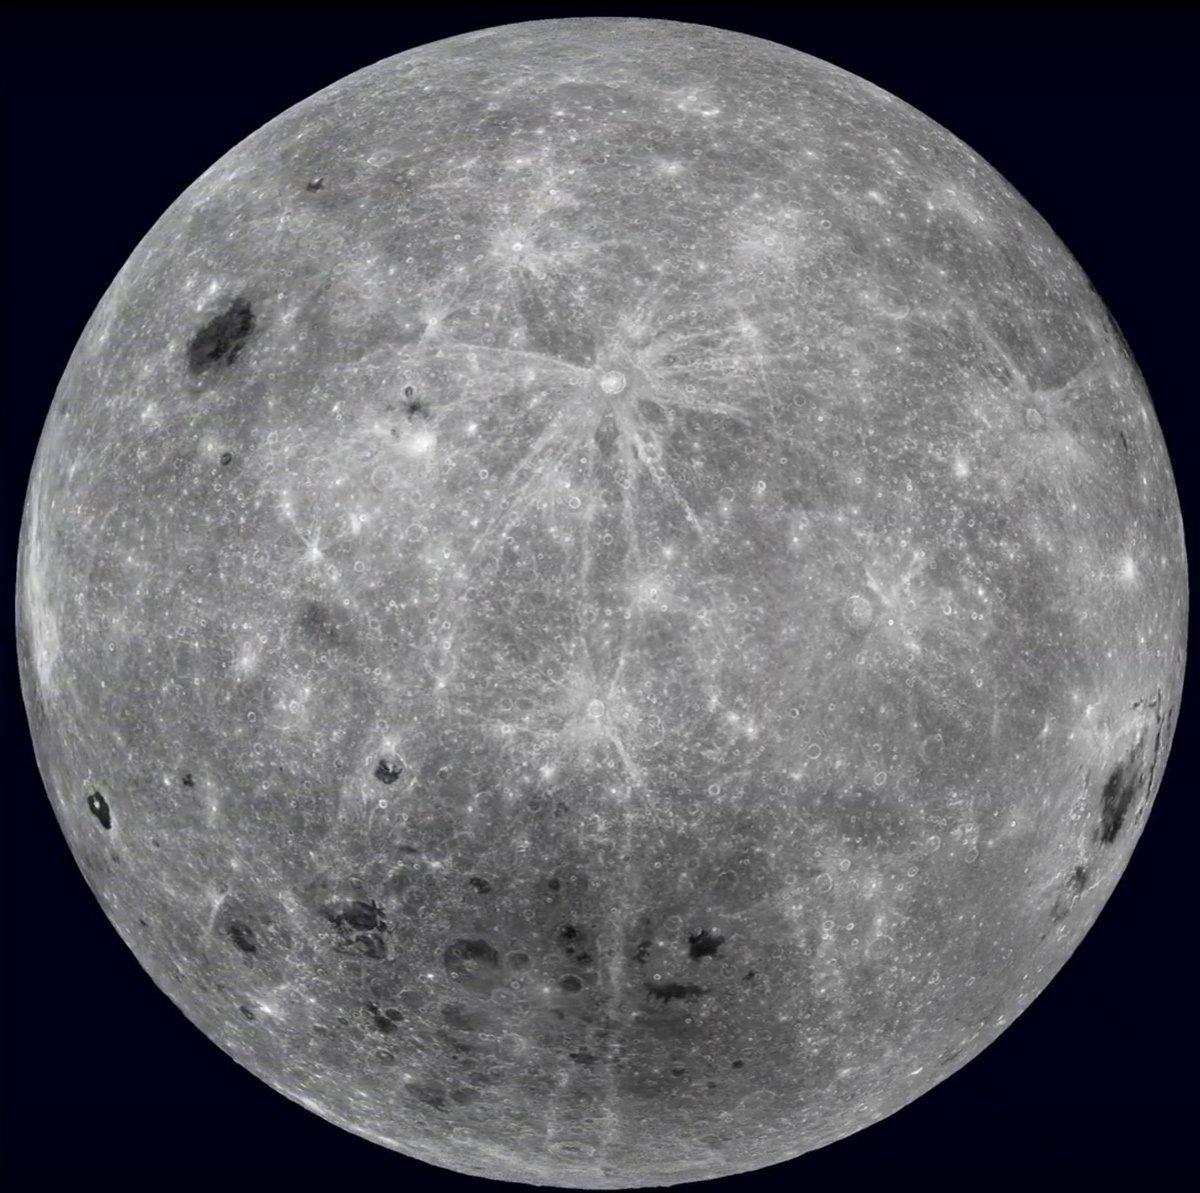 ناسا برای اولین بار محمولههایی را در سمت پنهان ماه فرود میآورد